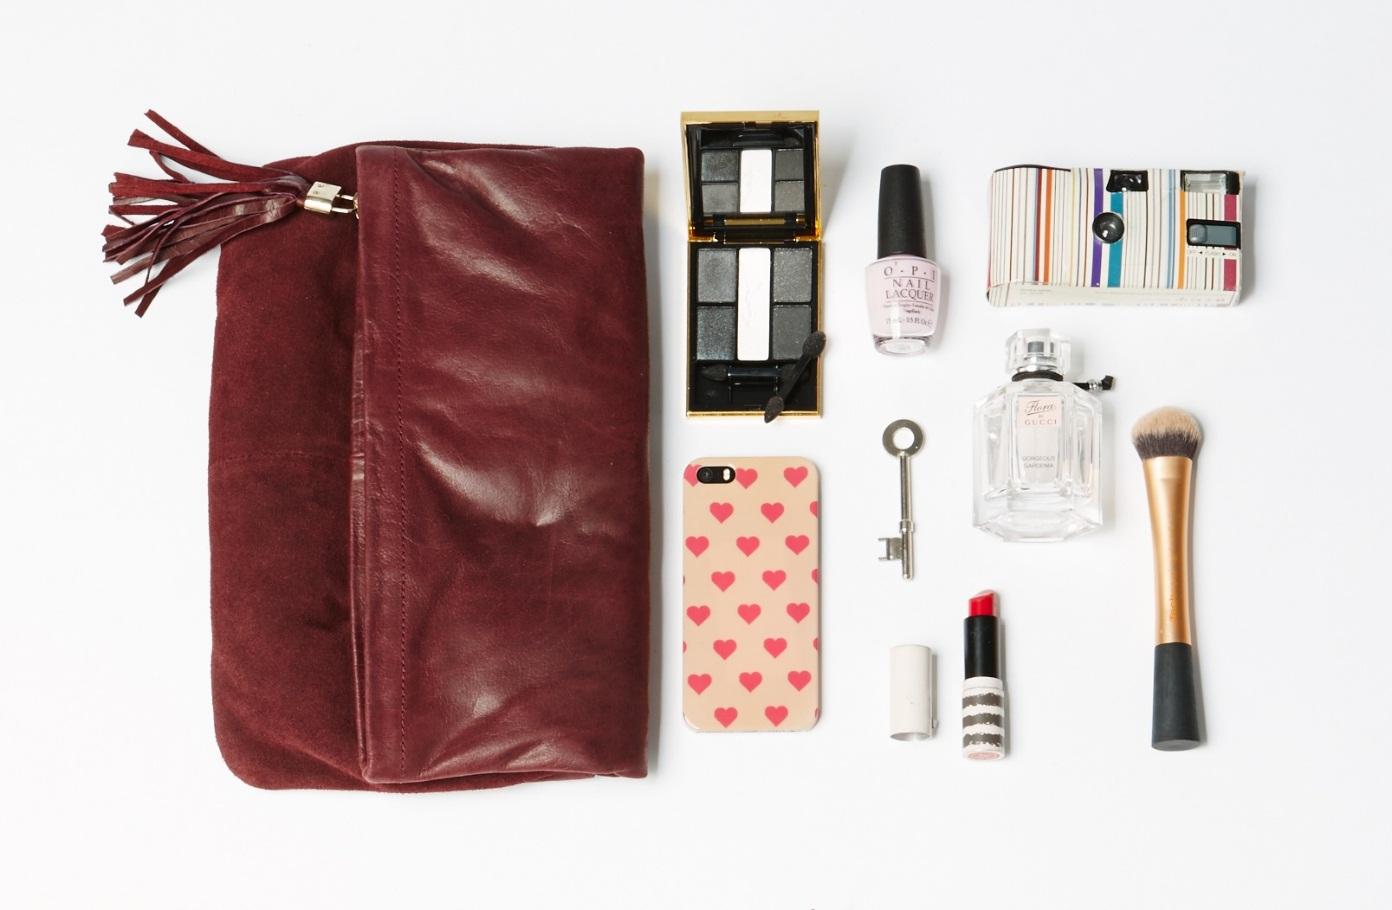 5 món đồ cơ bản trong túi xách của phụ nữ - Ảnh 2